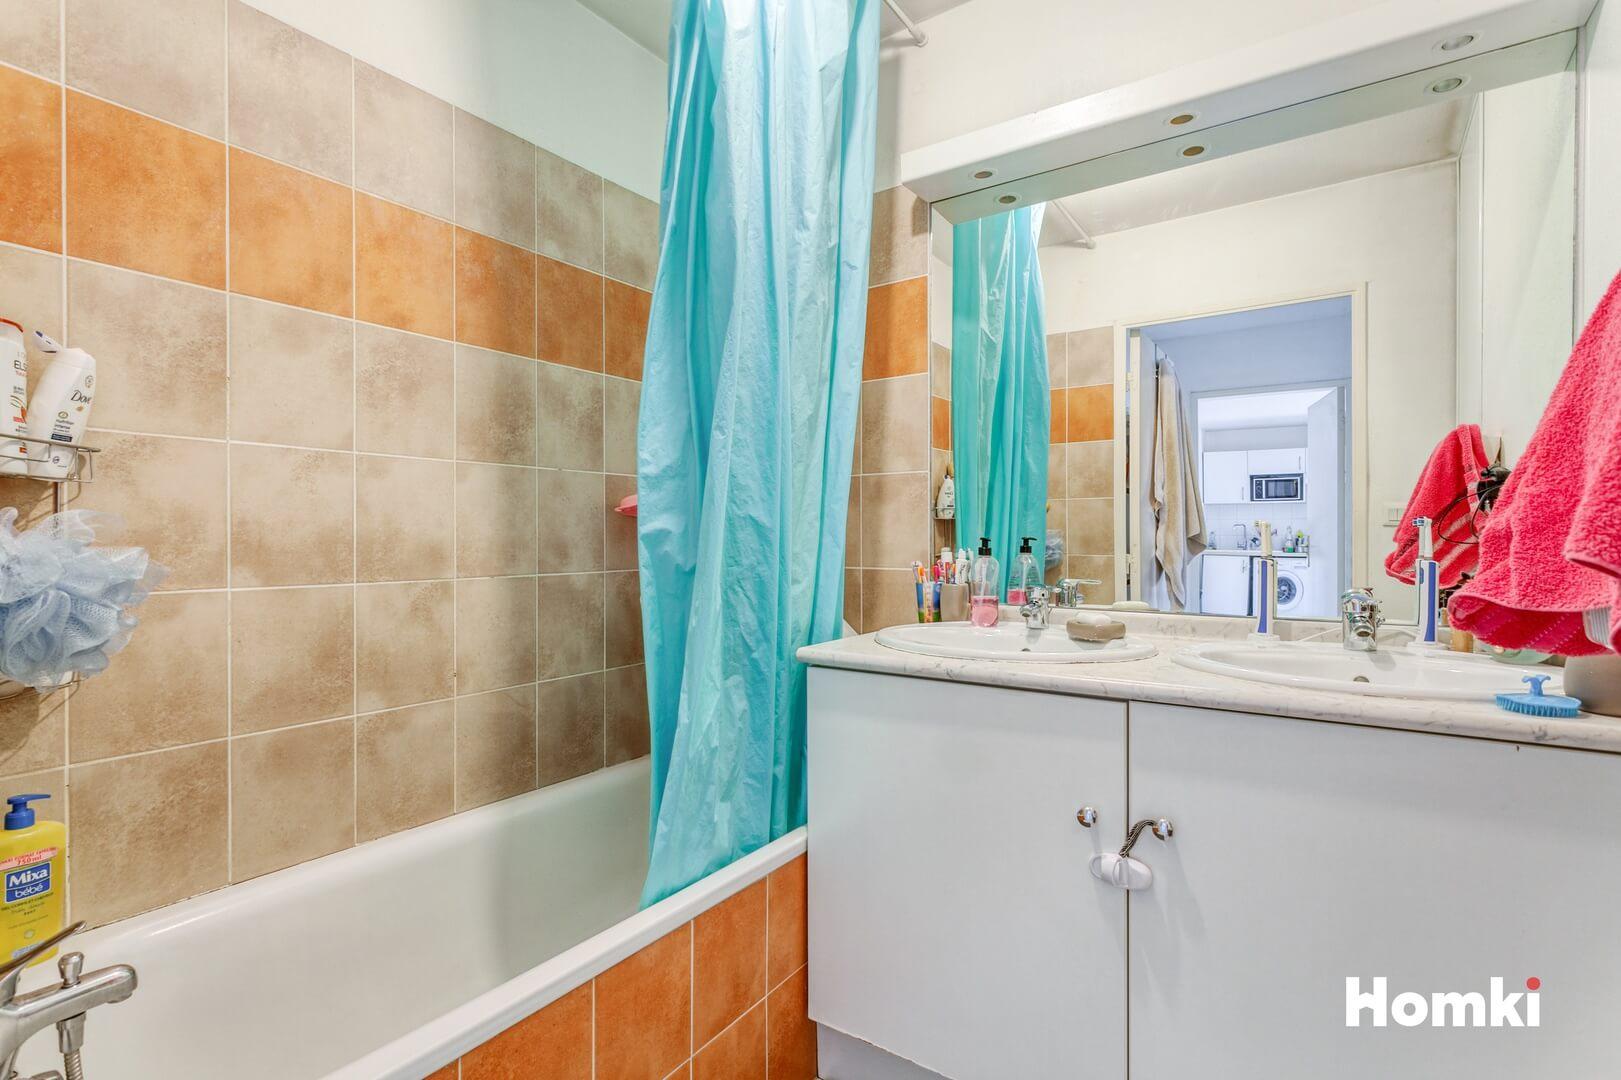 Homki - Vente Appartement  de 59.0 m² à Marseille 13016